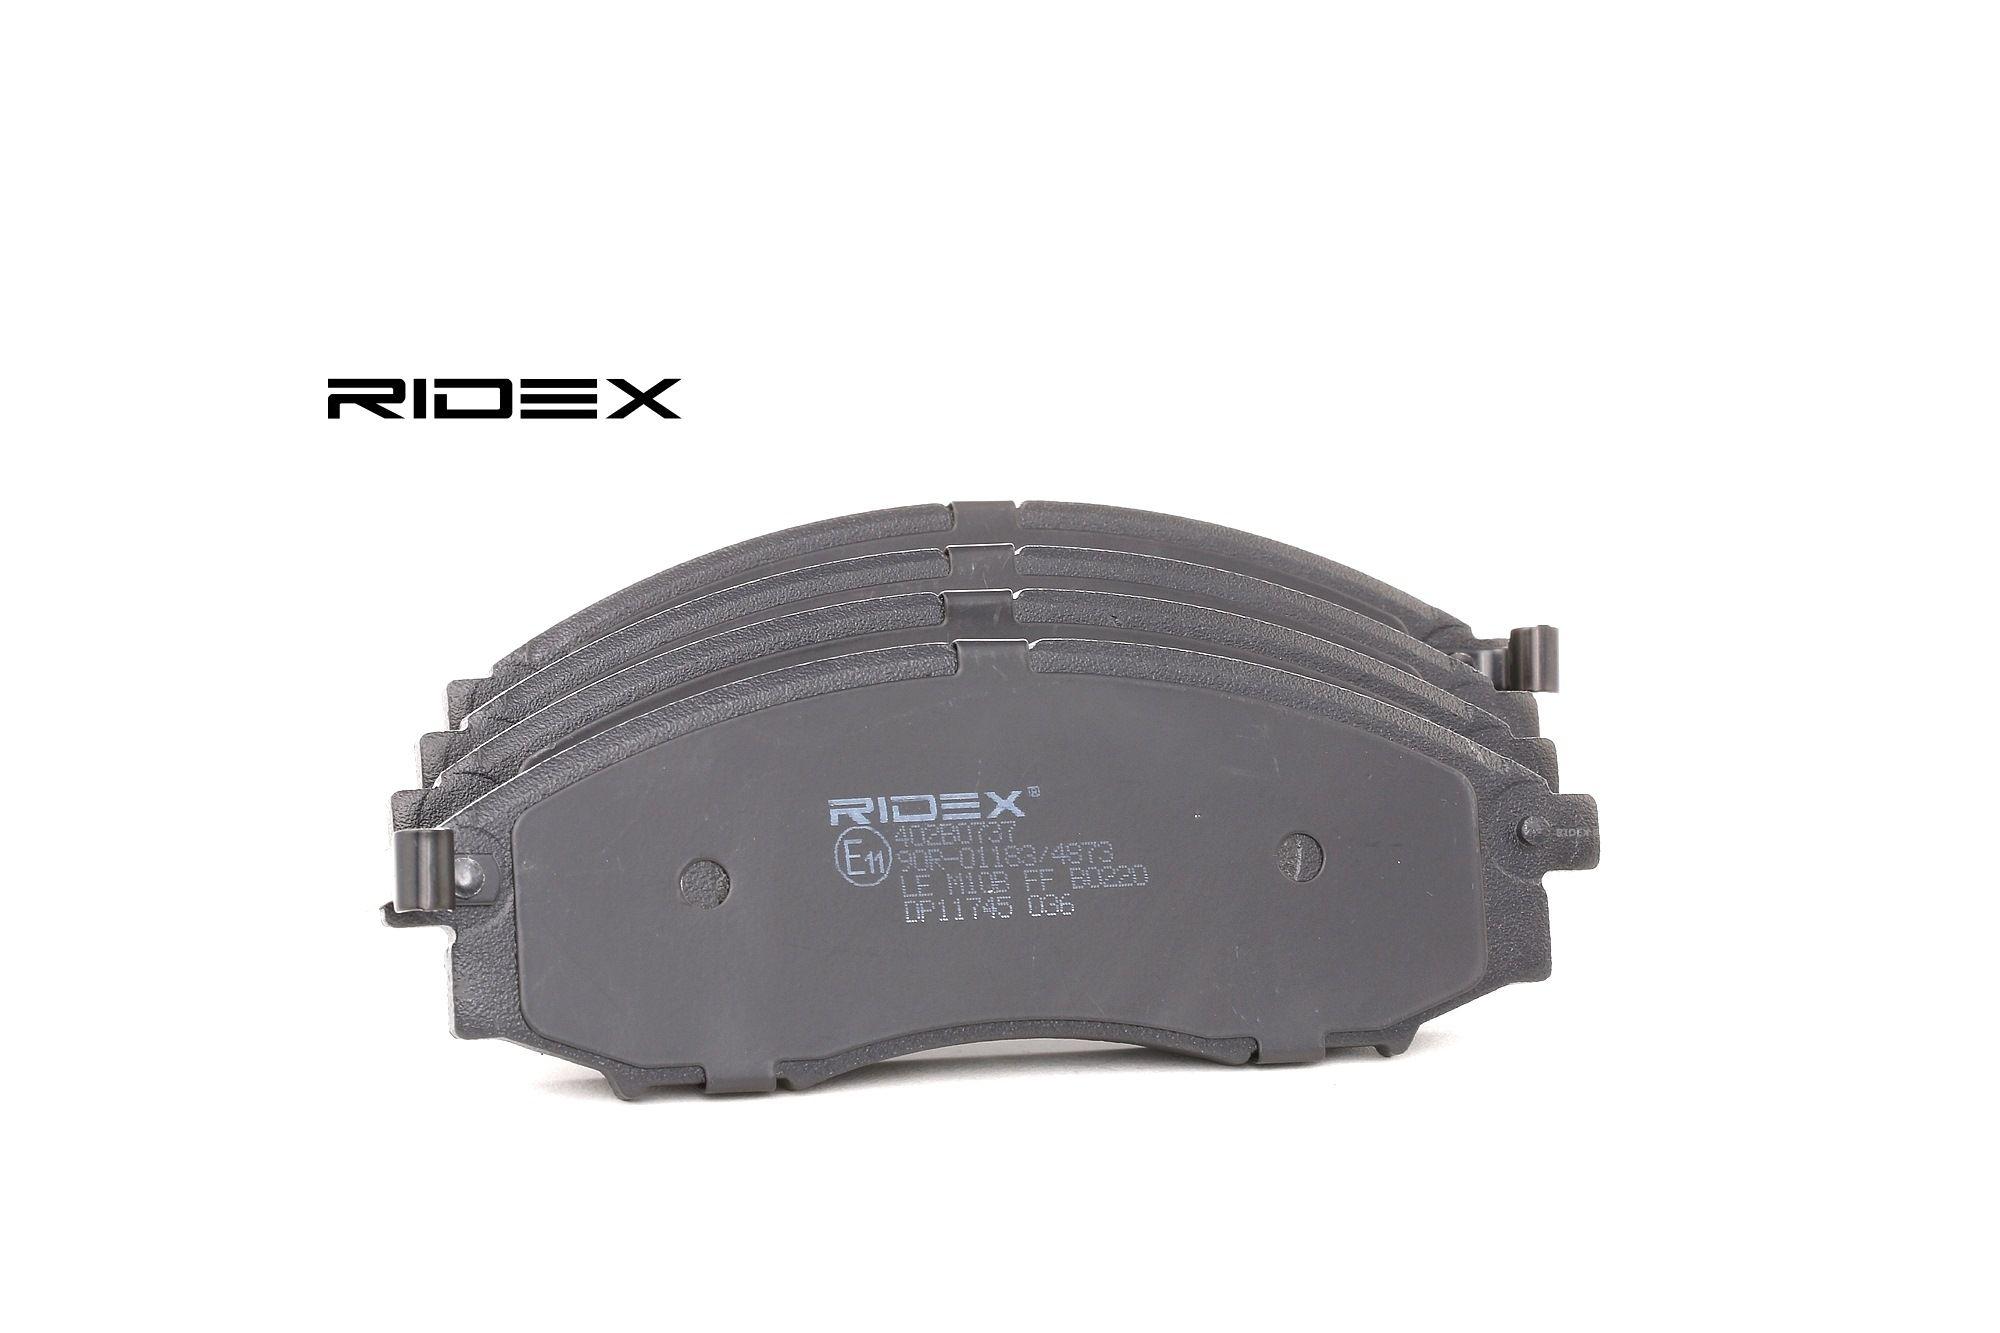 Bremsbelagsatz RIDEX 402B0737 Bewertung